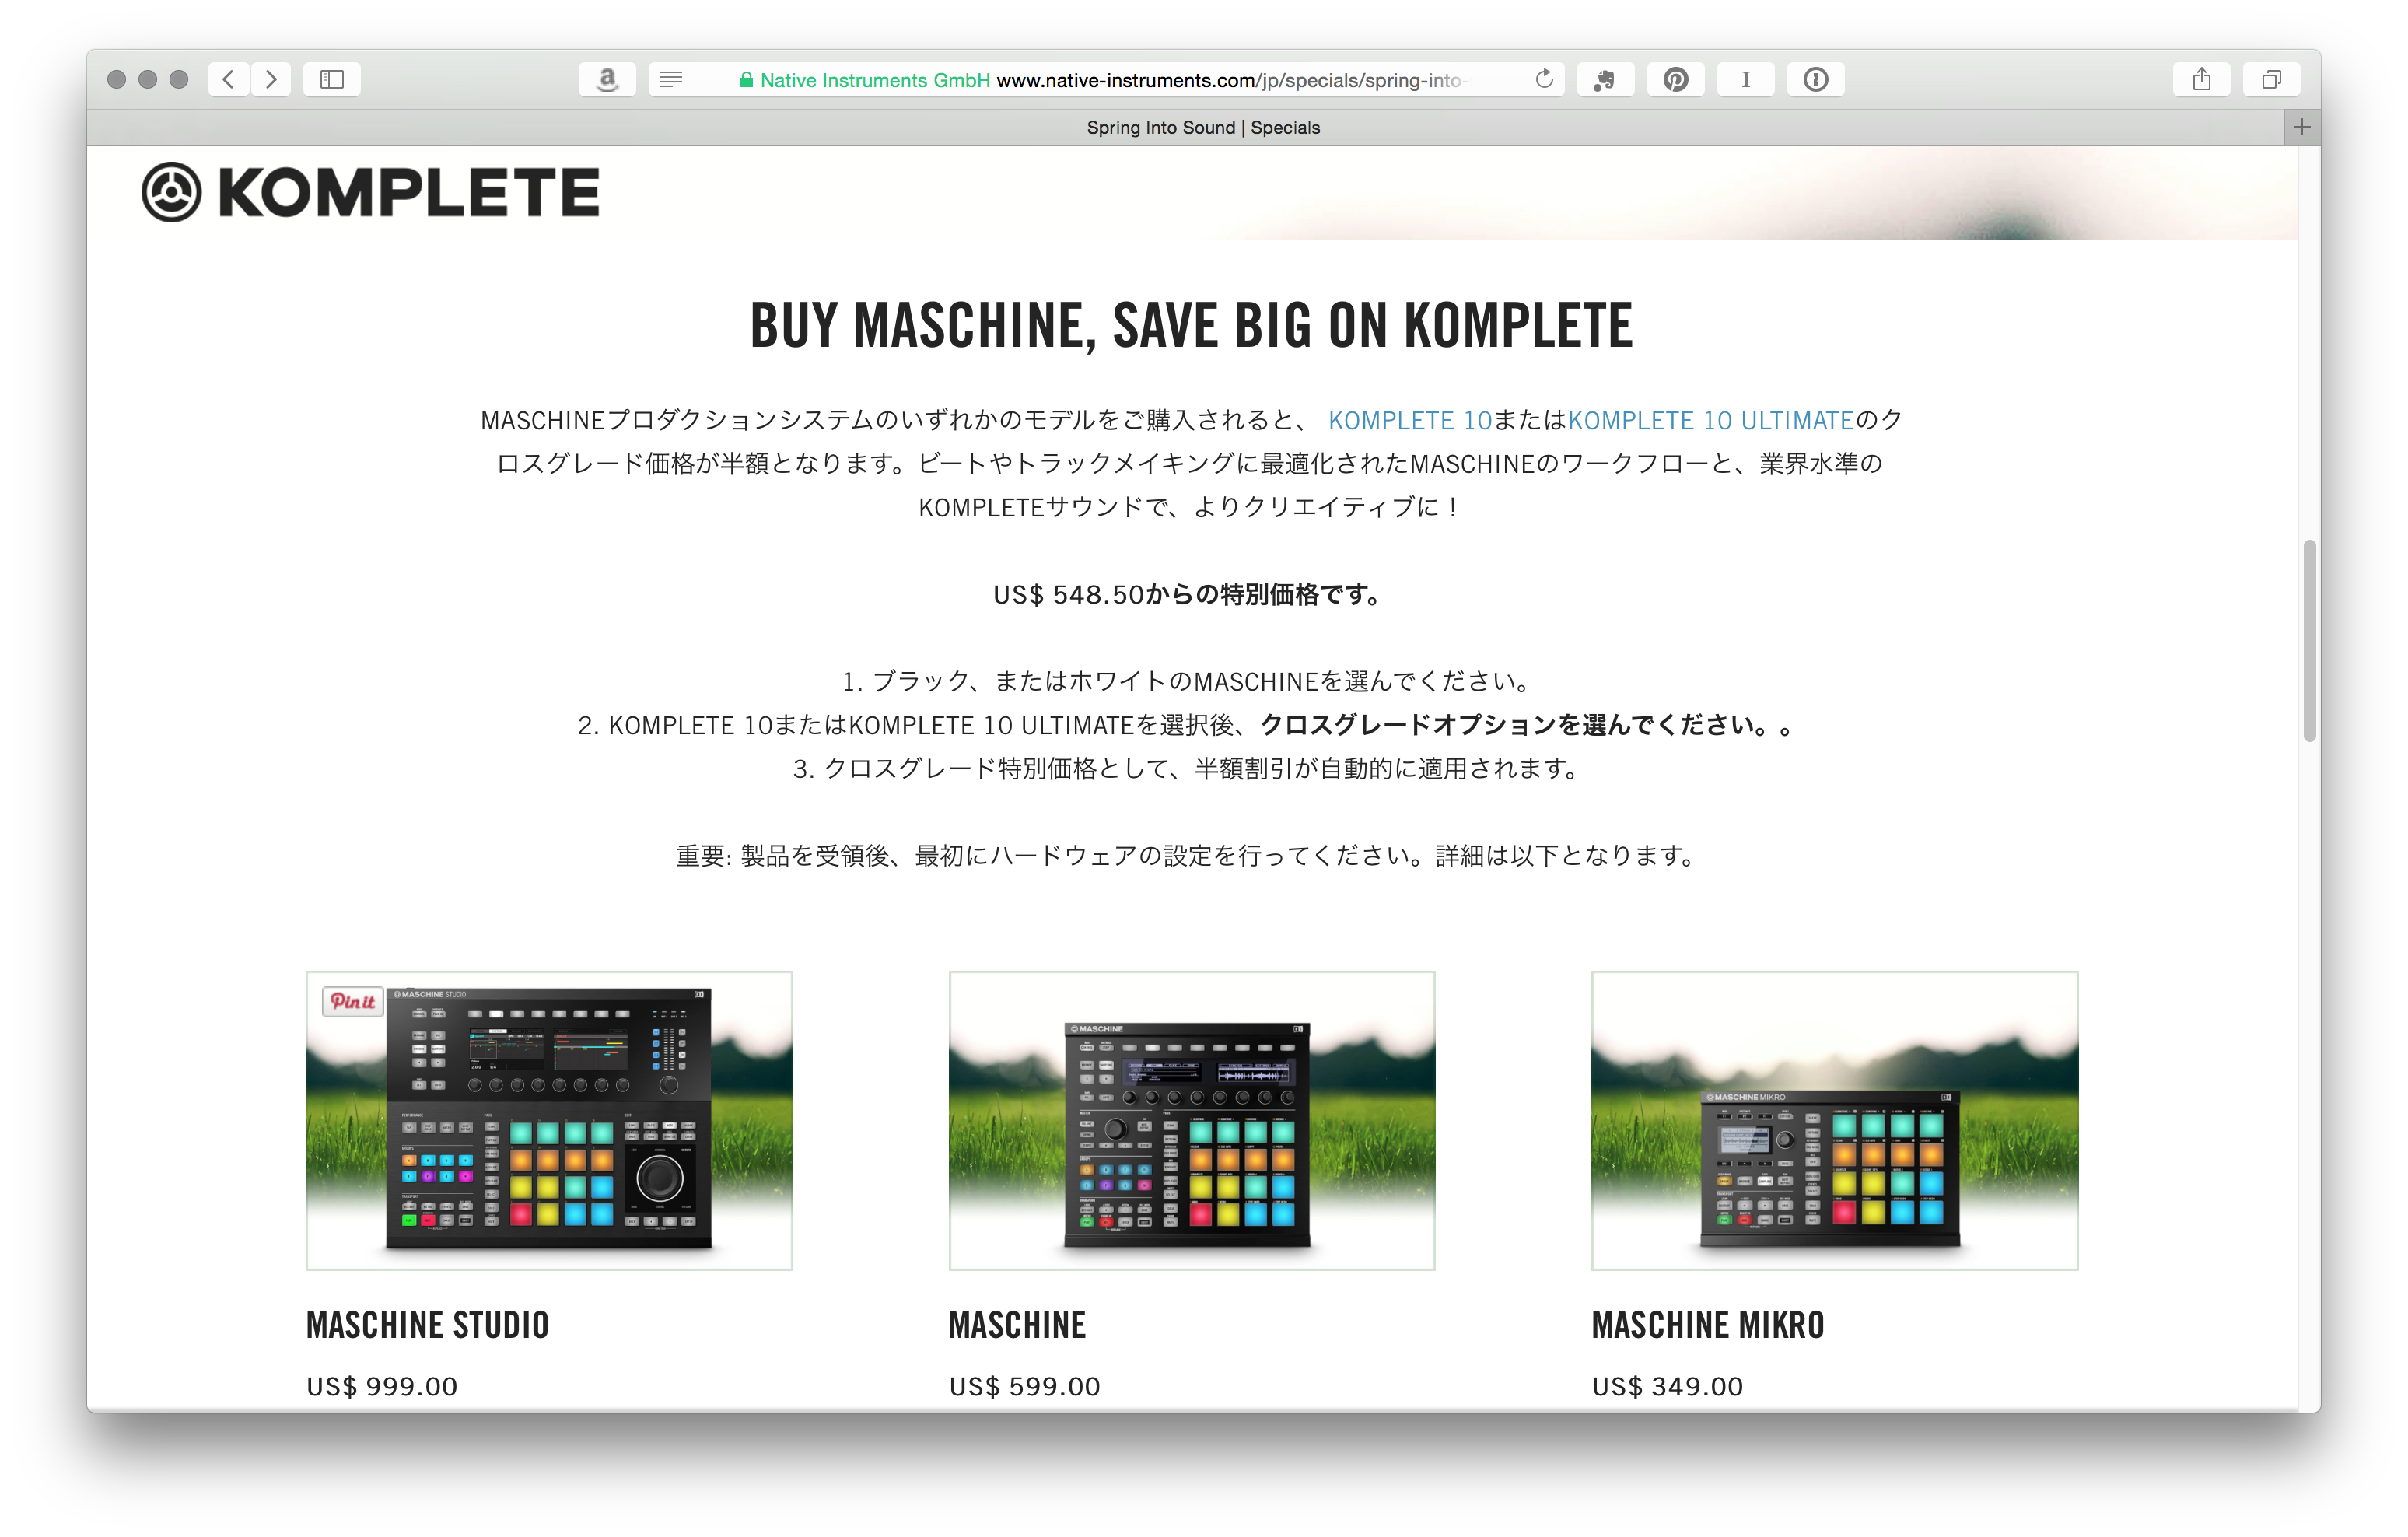 另外購買 MASCHINE 也可以用半價的價格購買 KOMPLETE 10 或 KOMPLETE 10 ULTIMATE。